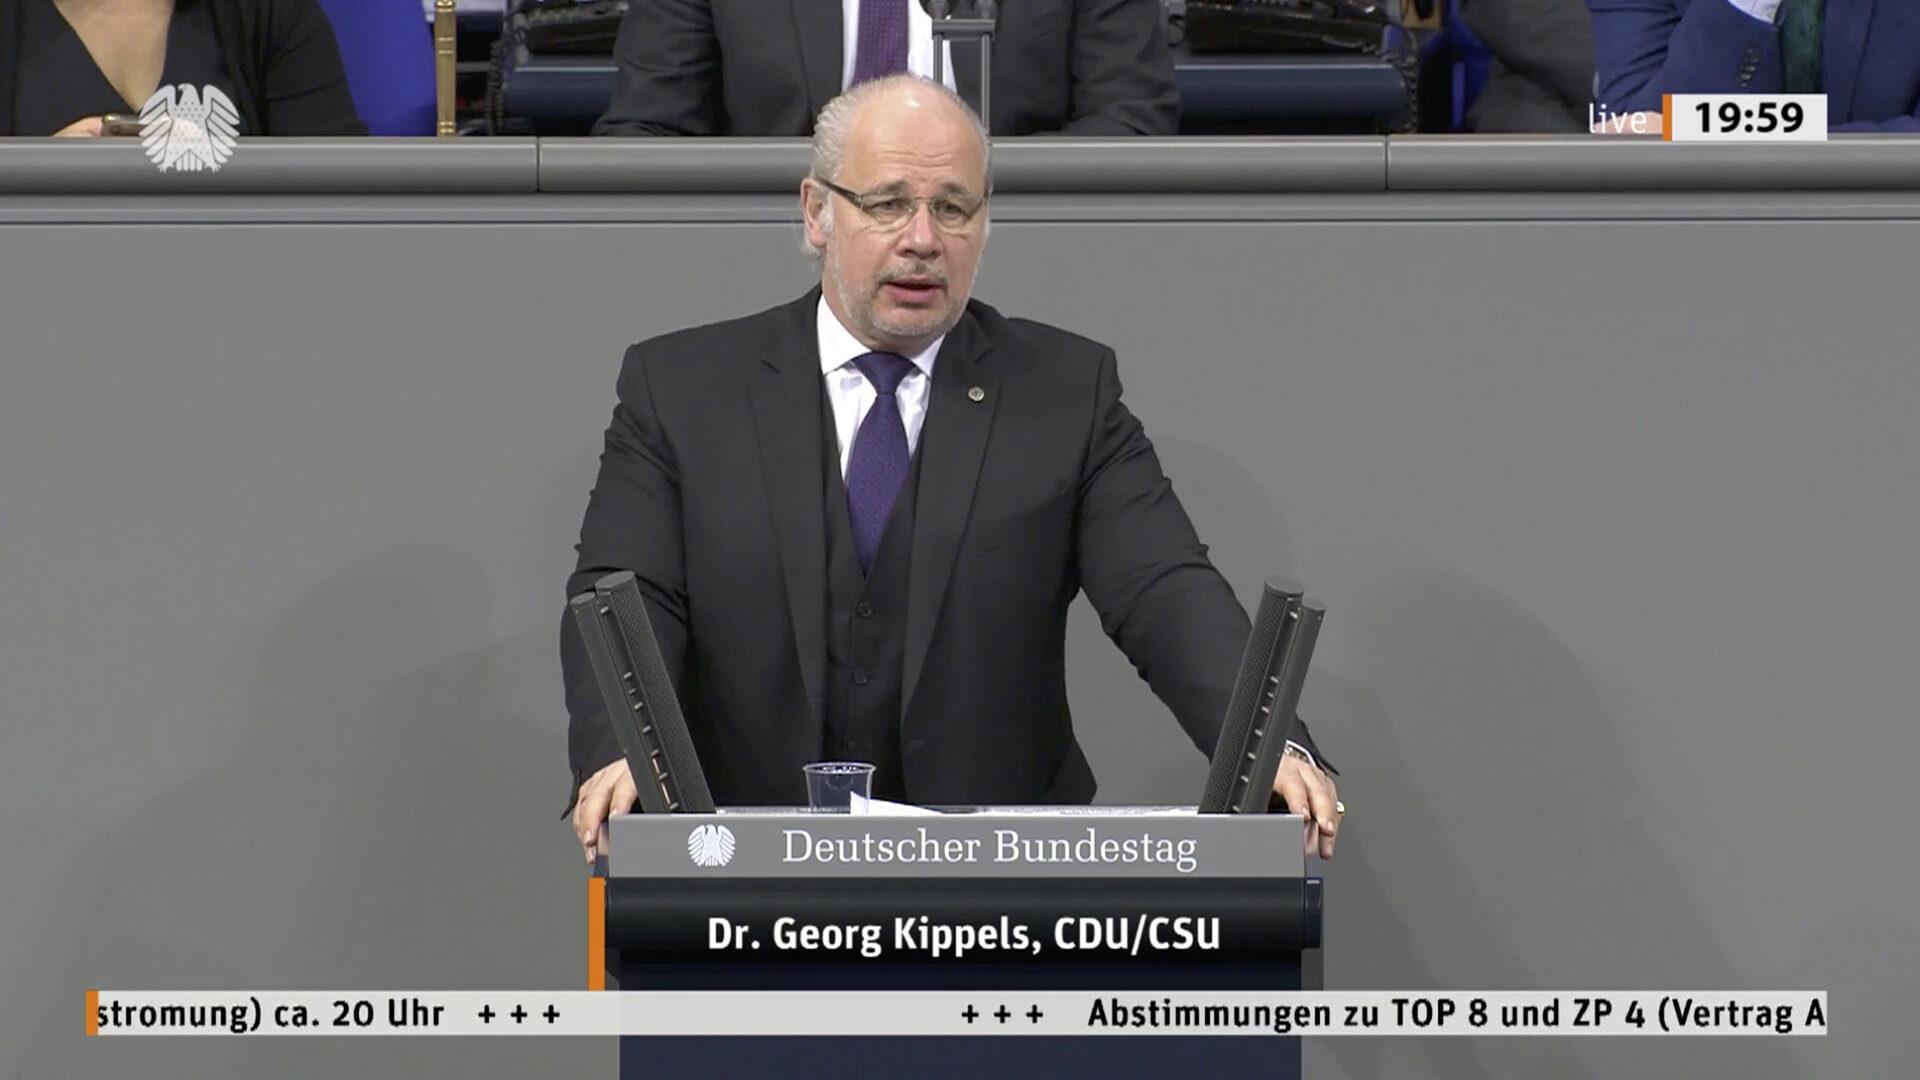 210113_BundestagsredeBraunkohleverstromung02